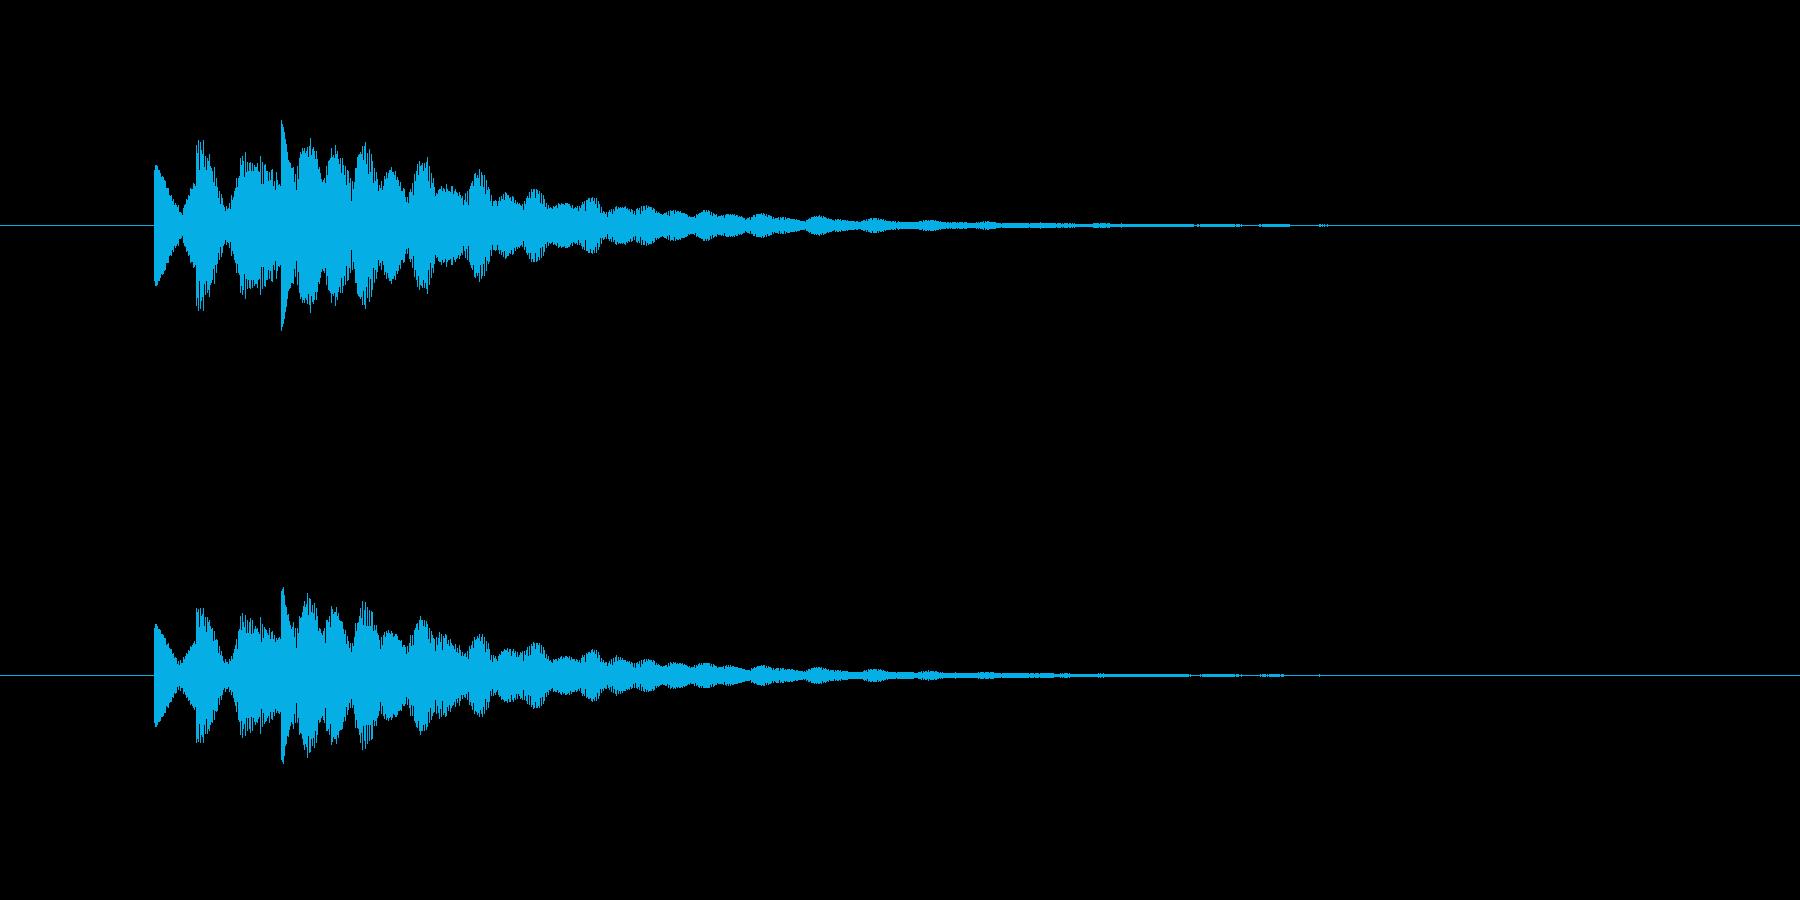 ピロリロリン(透明感、爽やか)の再生済みの波形